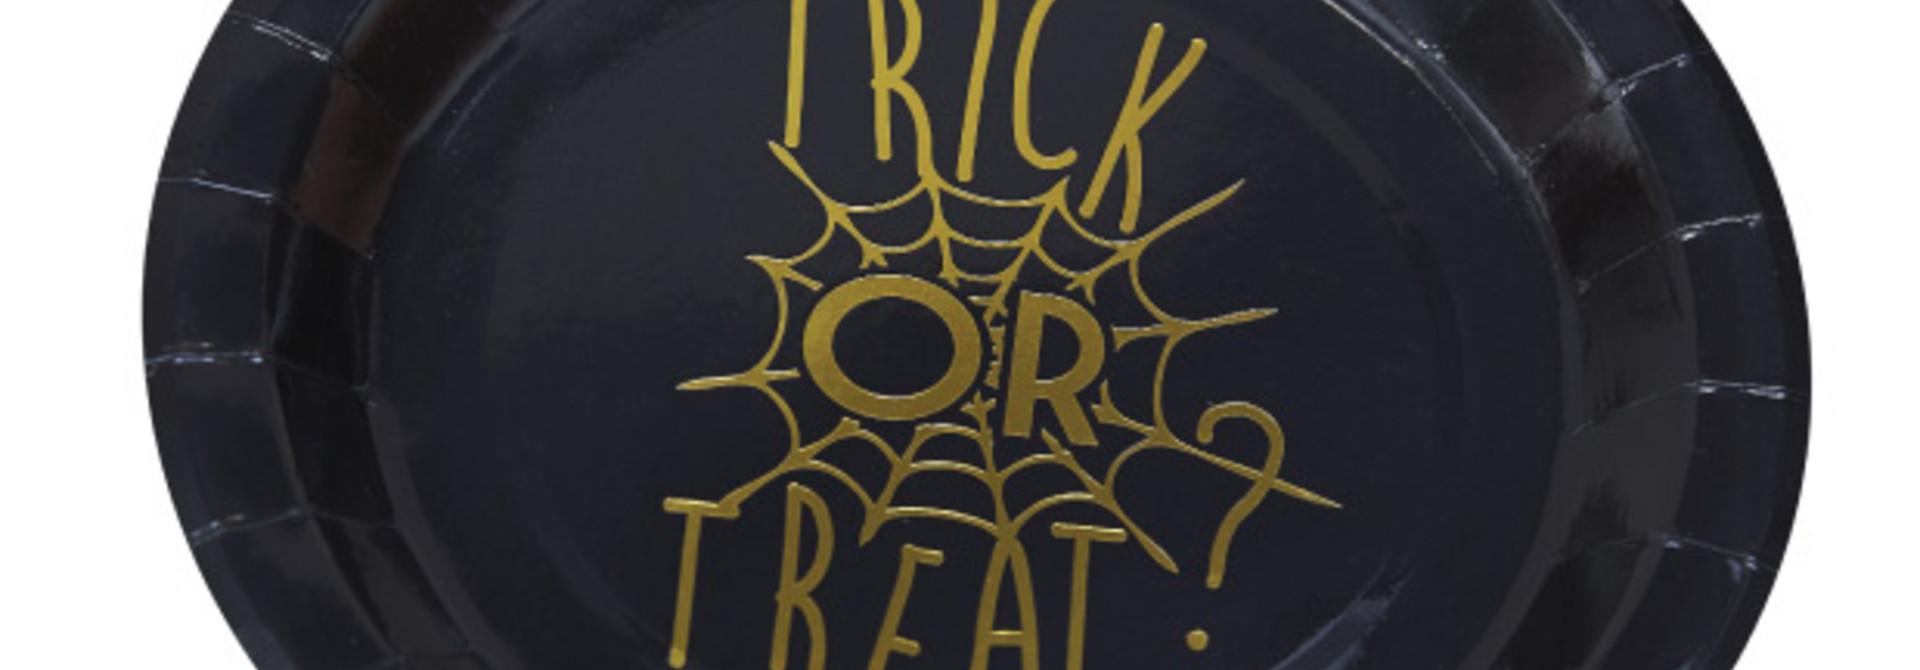 Trick or treat bordjes (6 st)